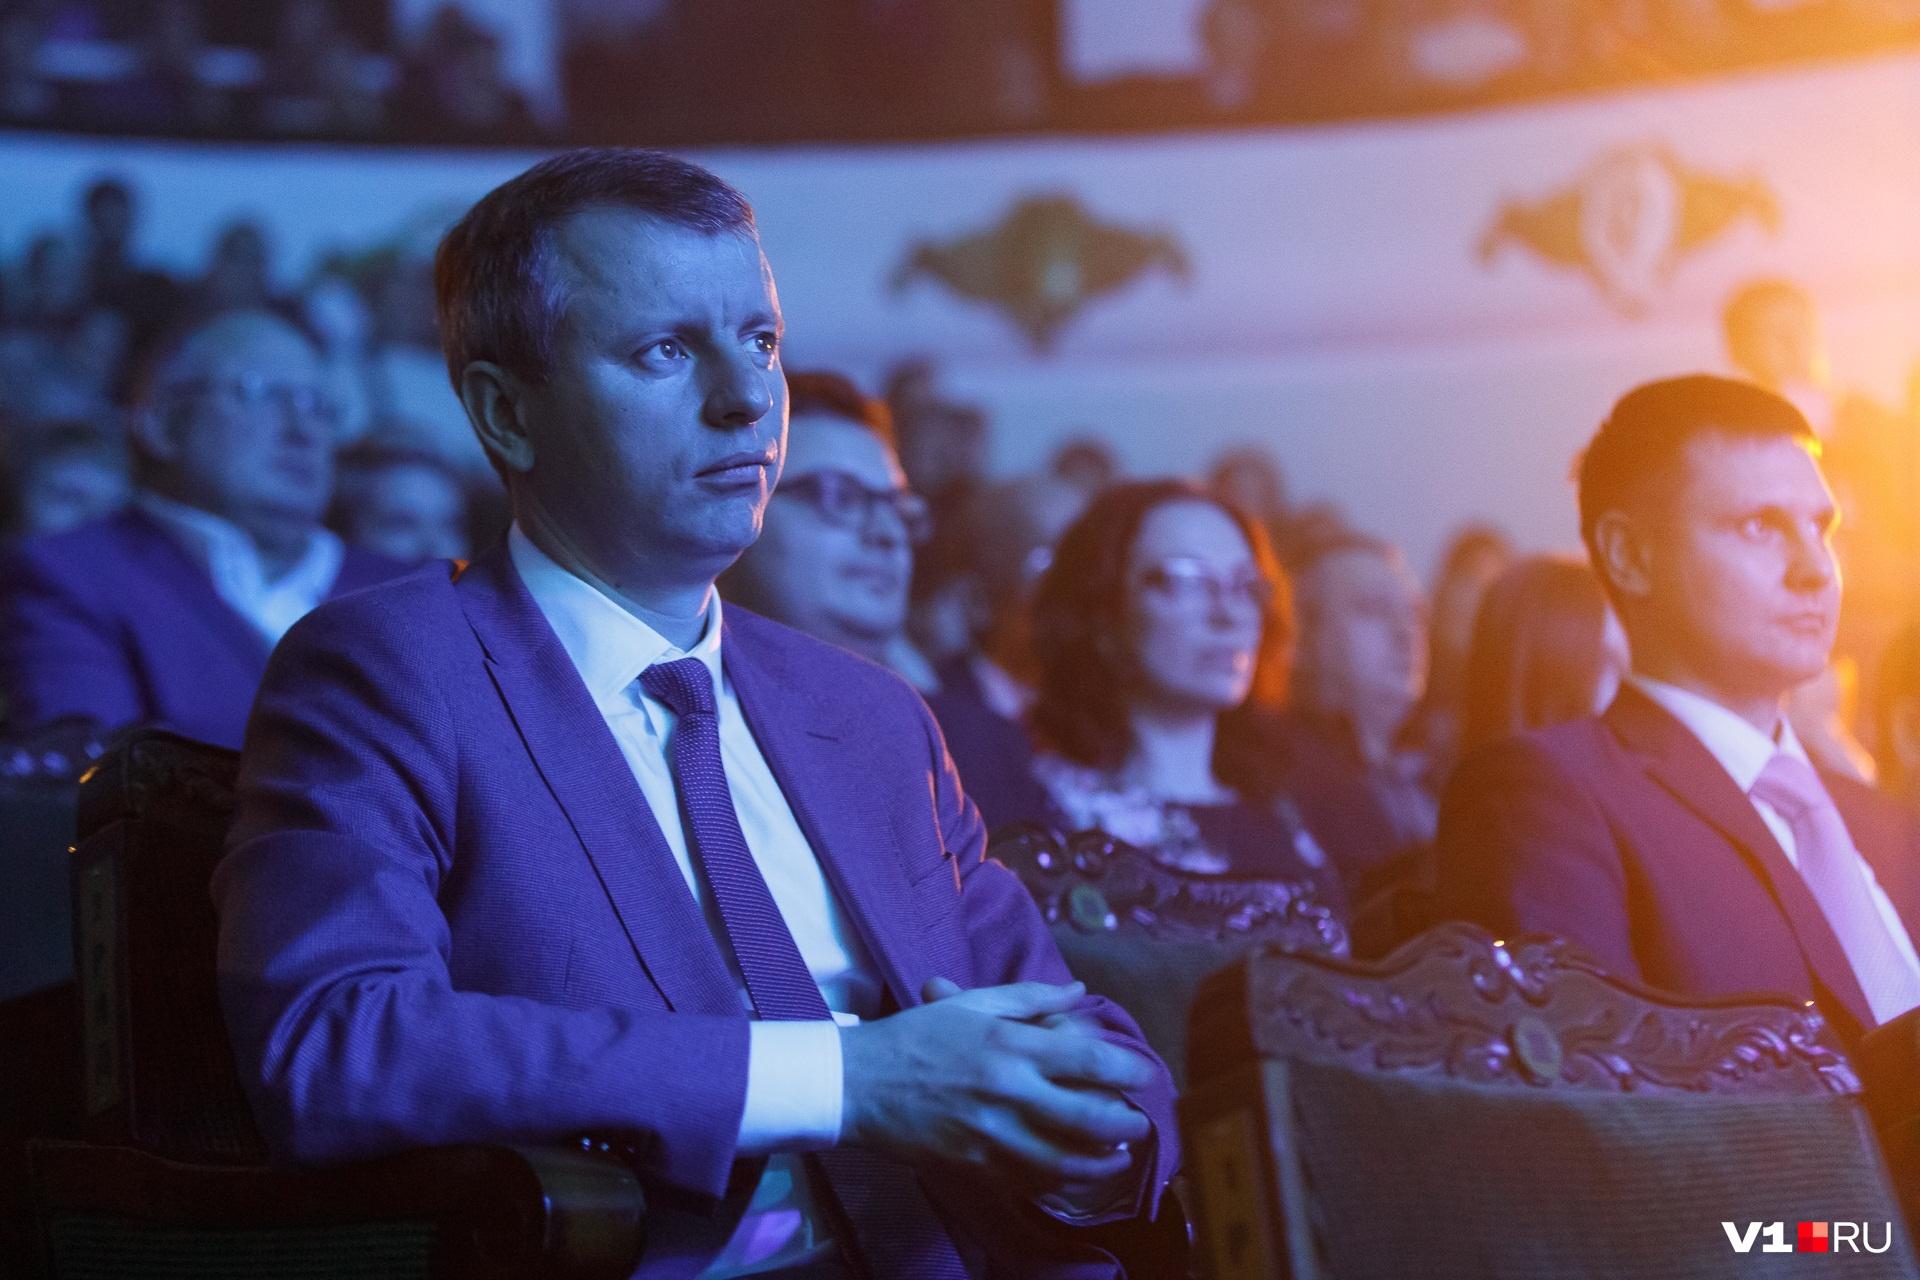 Новый депутат Волгоградской областной думы по Краснооктябрьскому округу — Алексей Волоцков